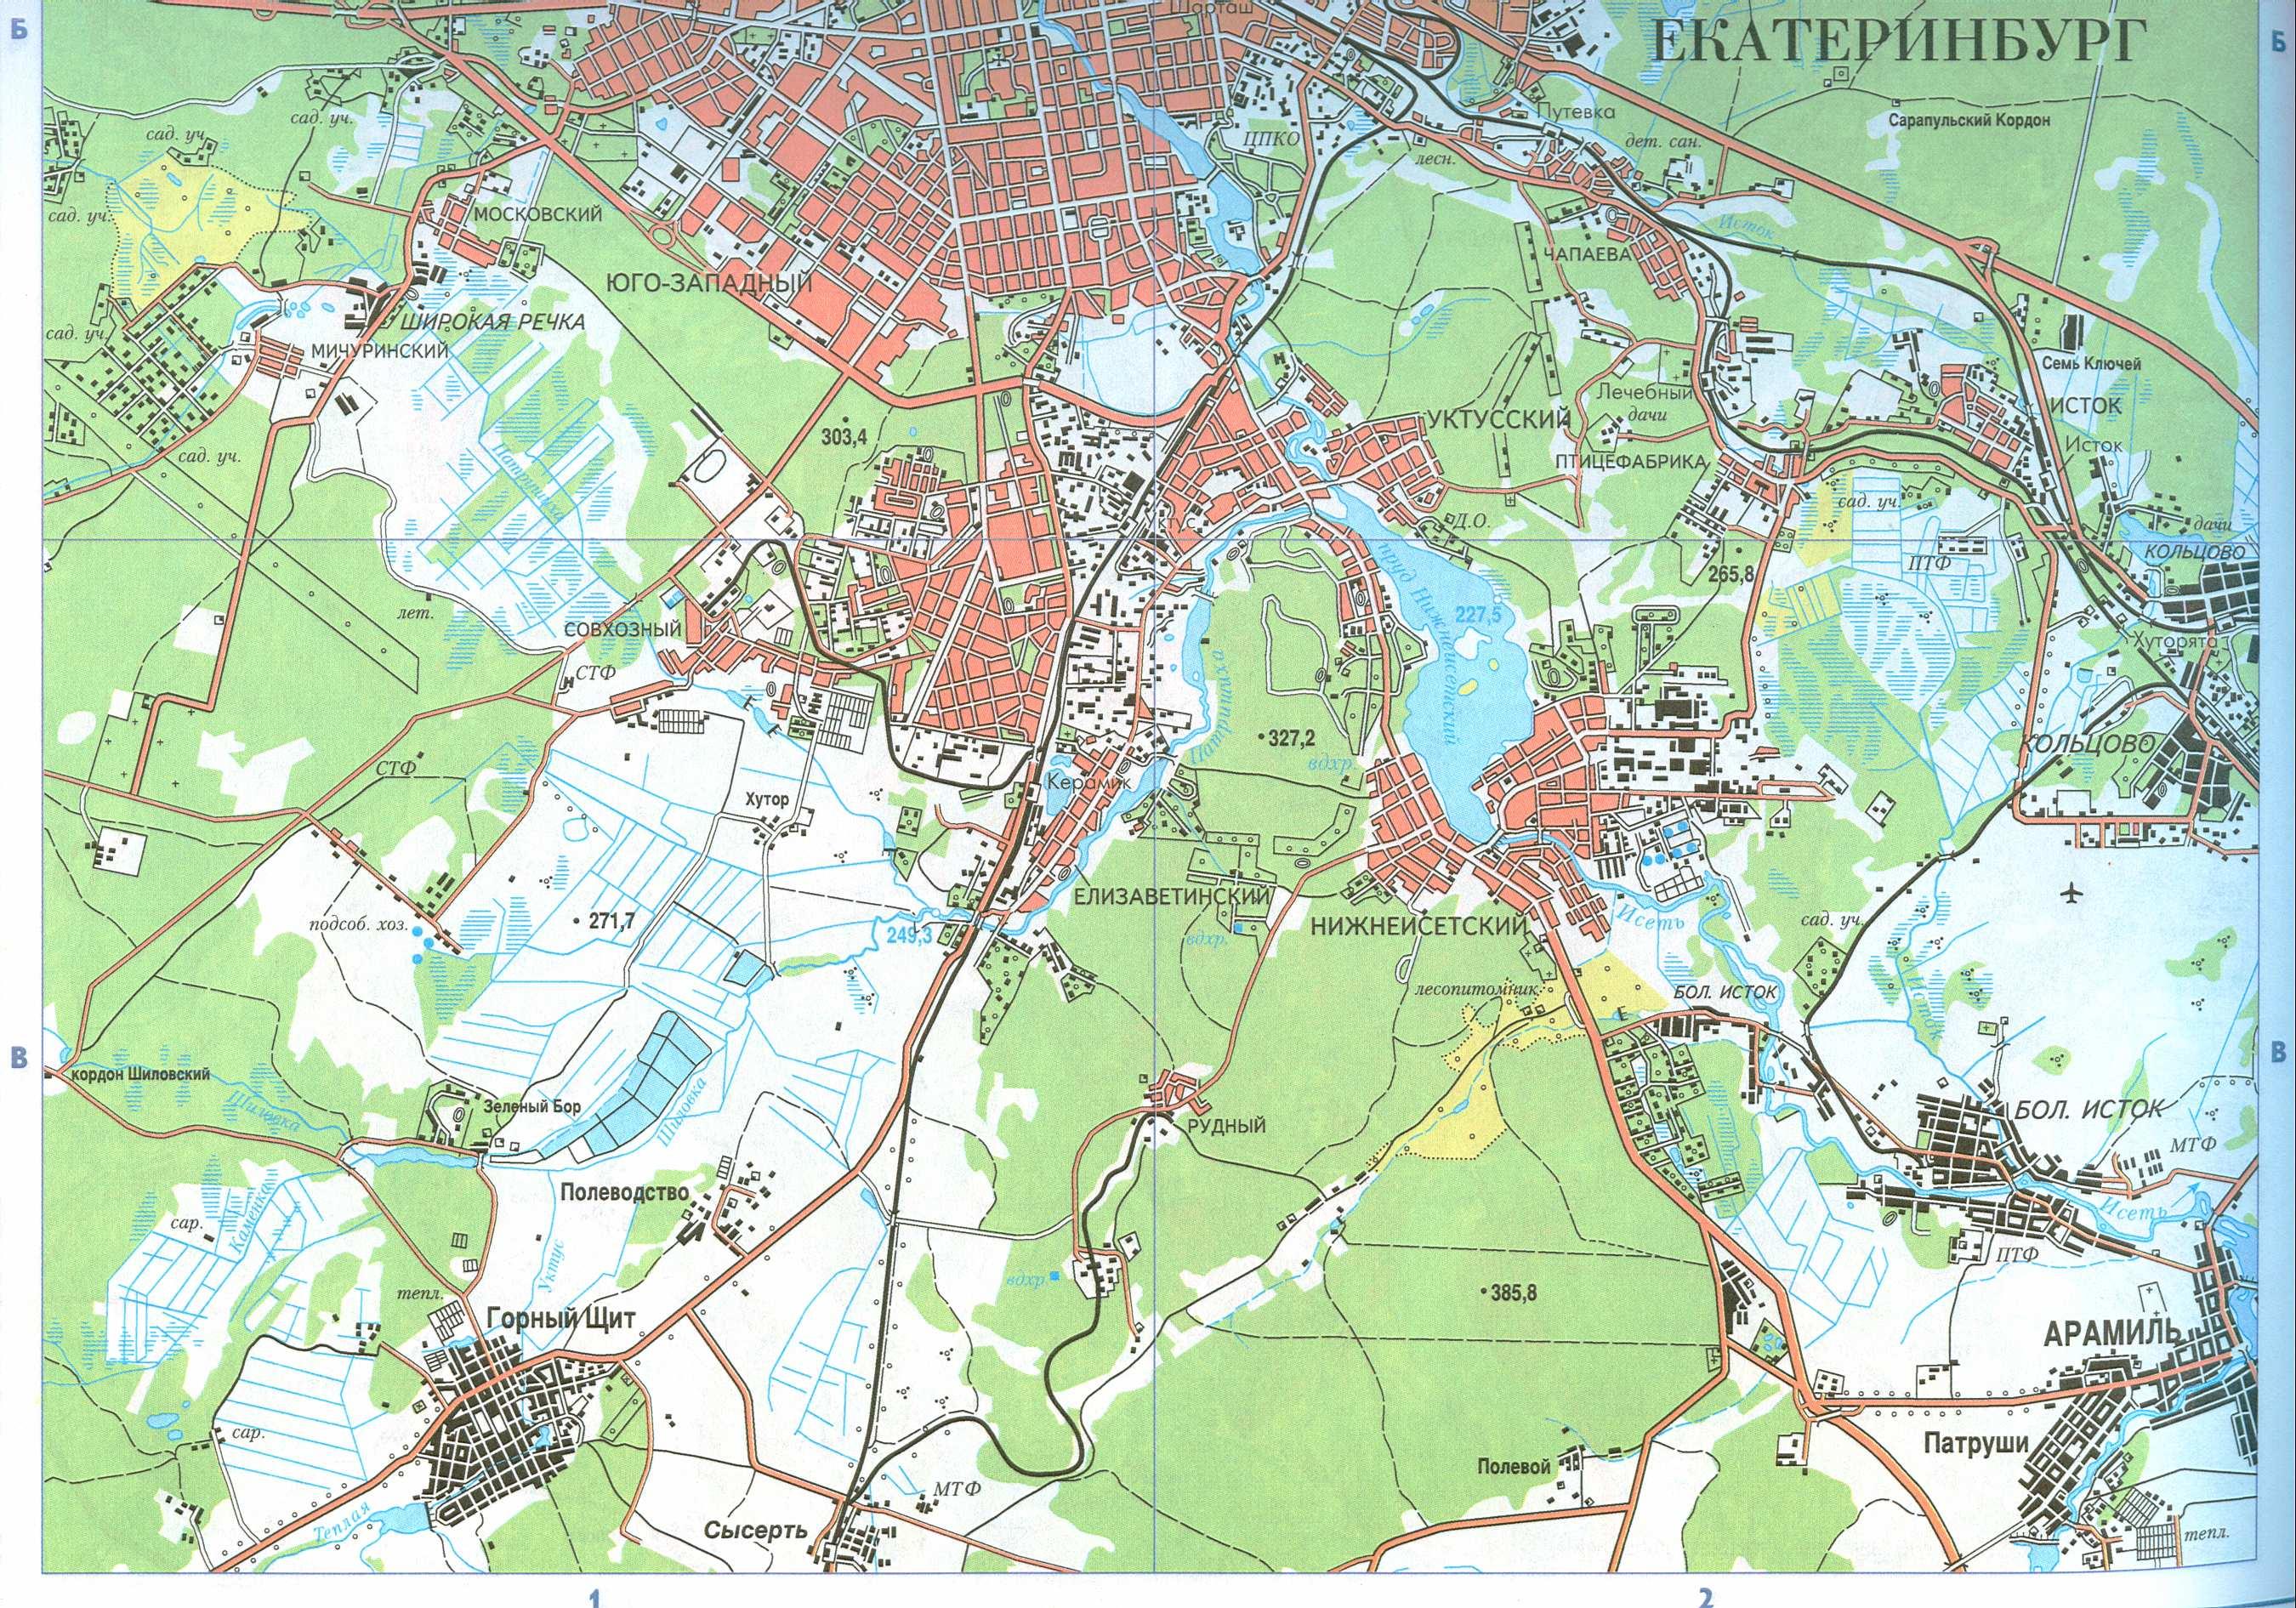 Подробная карта г.Екатеринбург и окрестностей.  Бесплатно скачать подробную карту города Екатеринбурга.